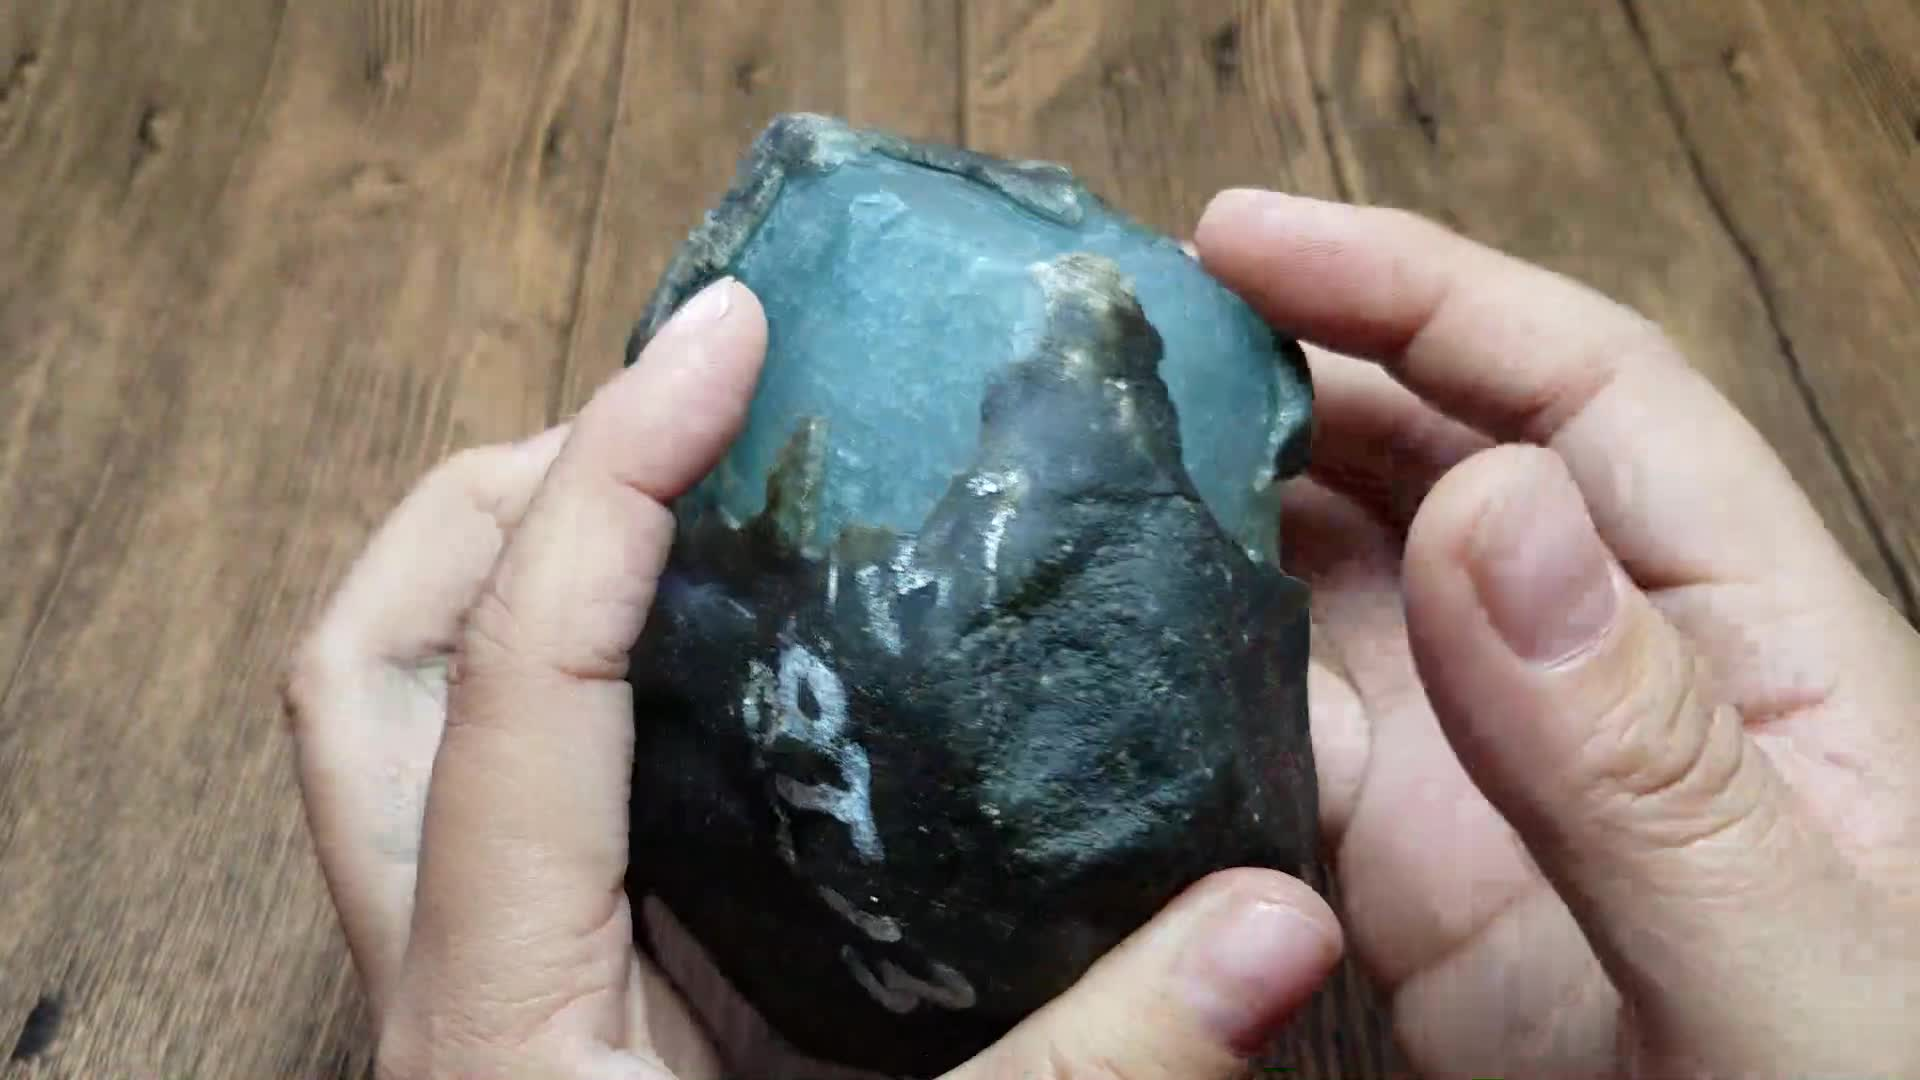 #赌石#一千块买回来的原石,切开后的成品一套别墅都不换!